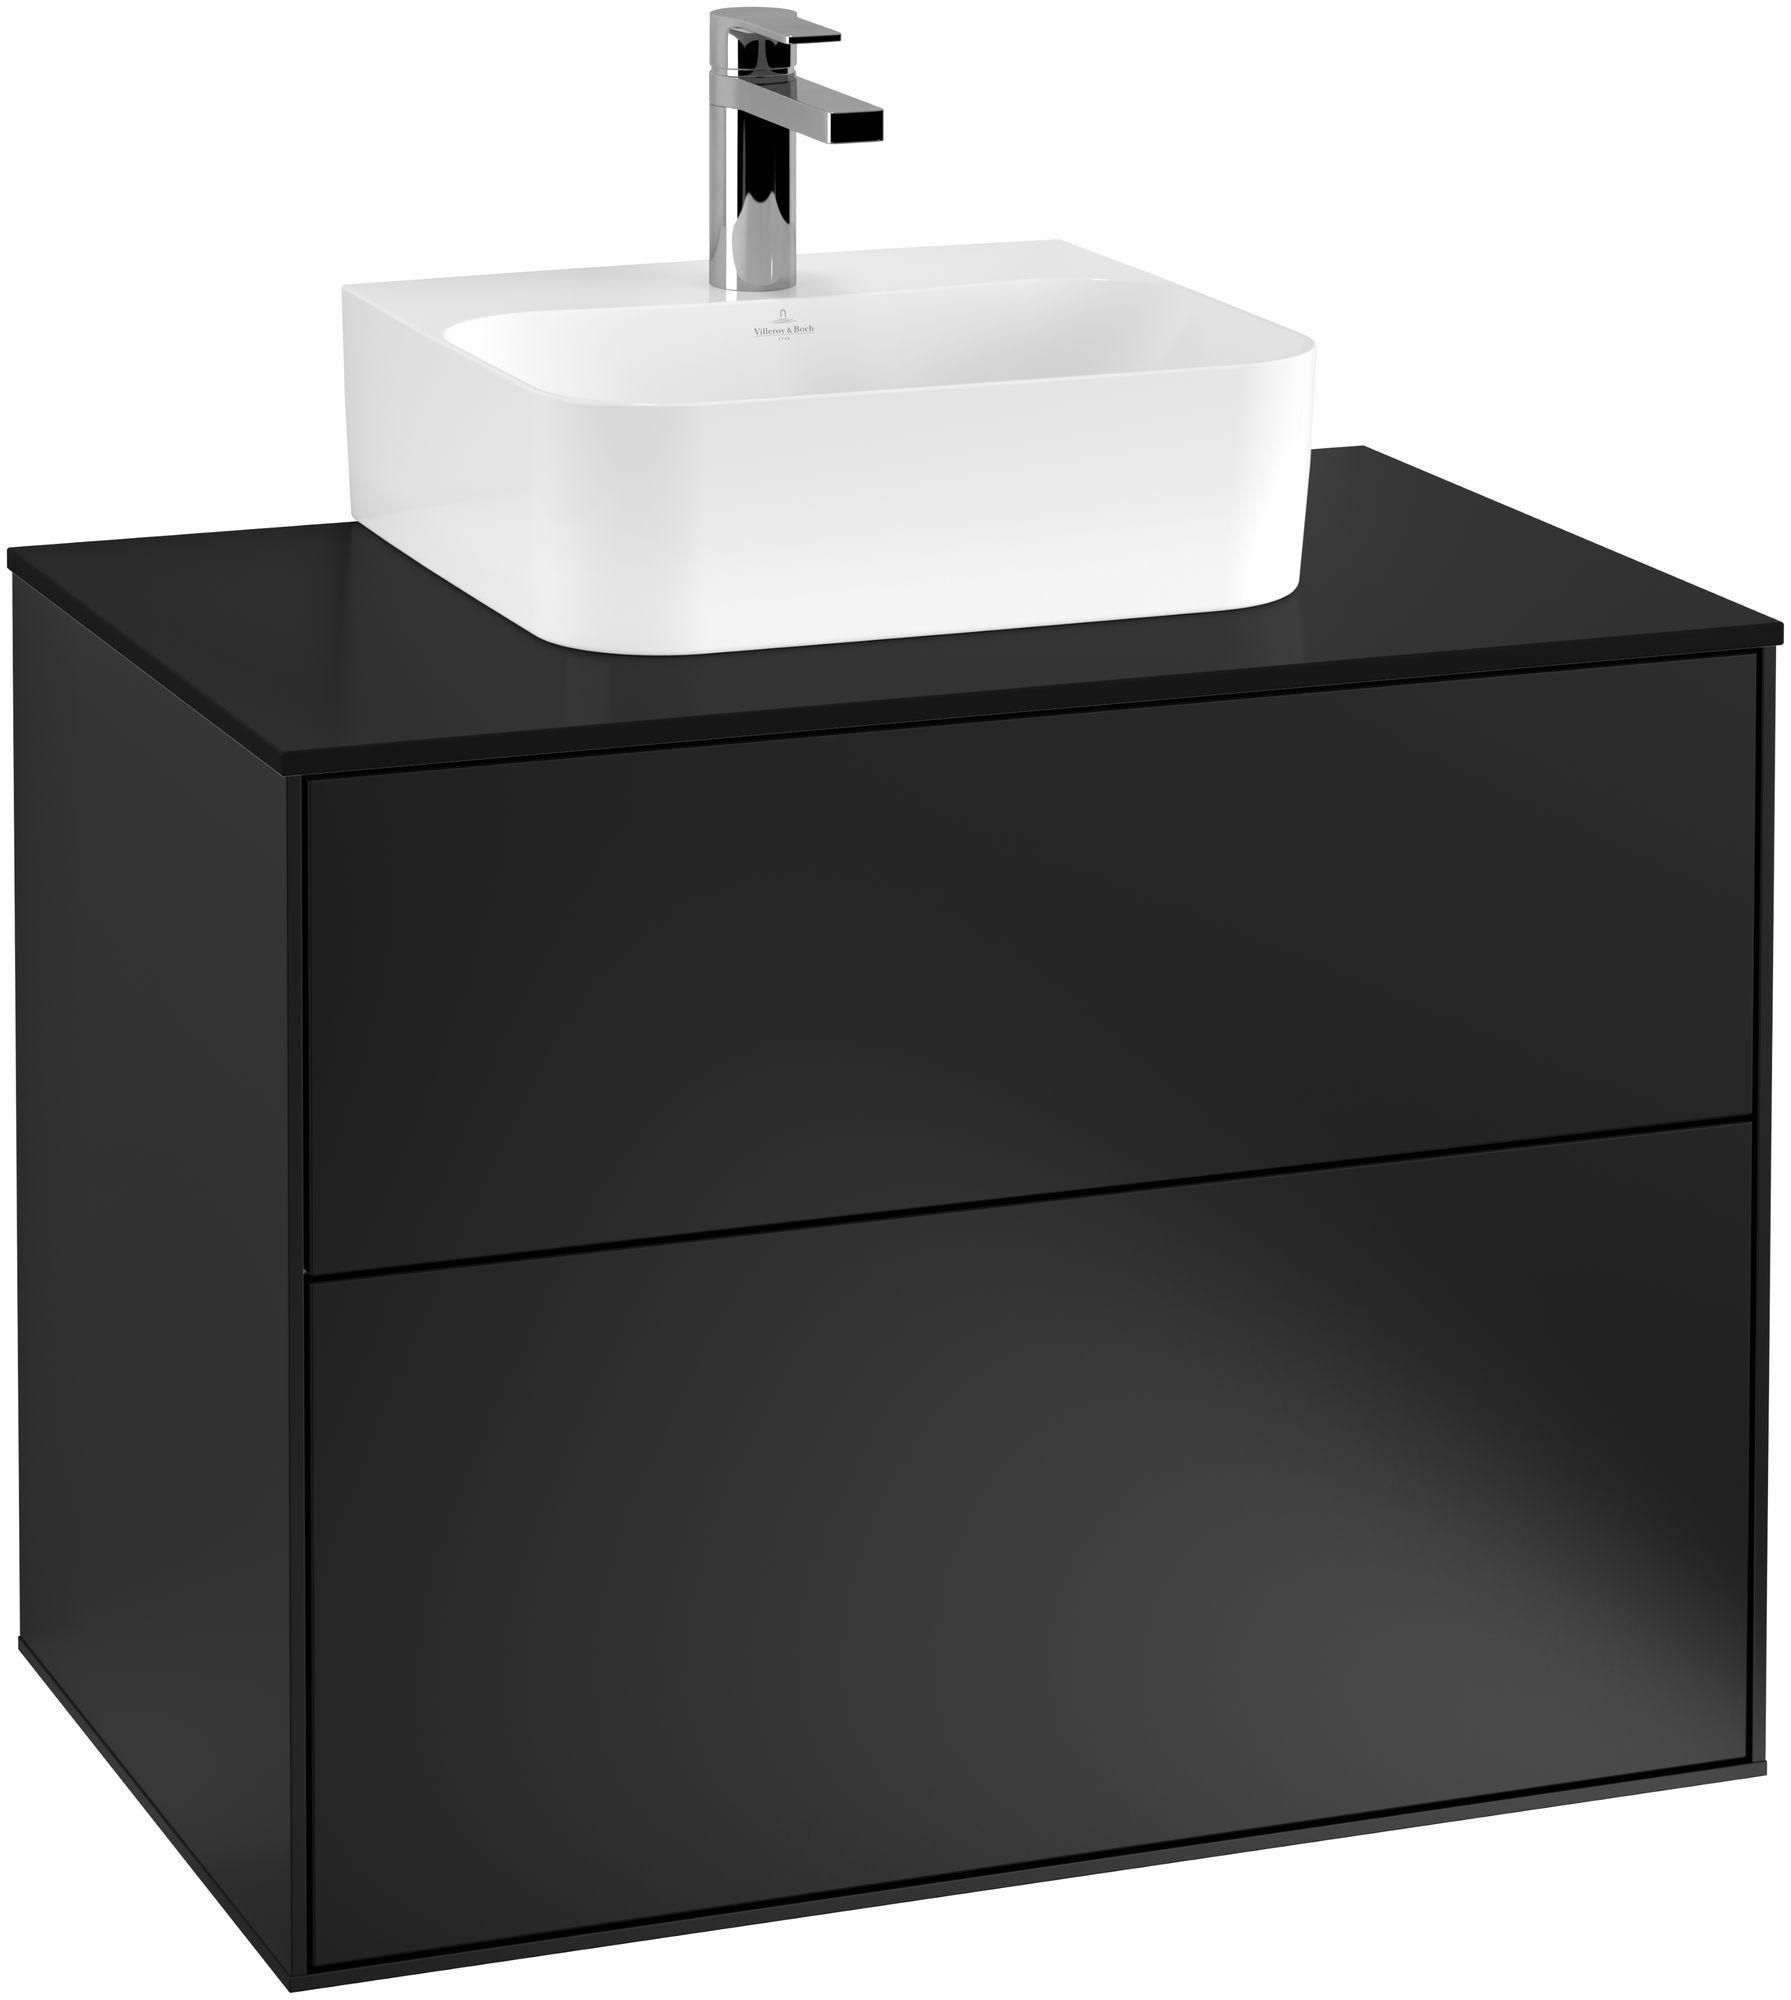 Villeroy & Boch Finion G08 Waschtischunterschrank 2 Auszüge Waschtisch mittig LED-Beleuchtung B:80xH:60,3xT:50,1cm Front, Korpus: Black Matt Lacquer, Glasplatte: Black Matt G08200PD